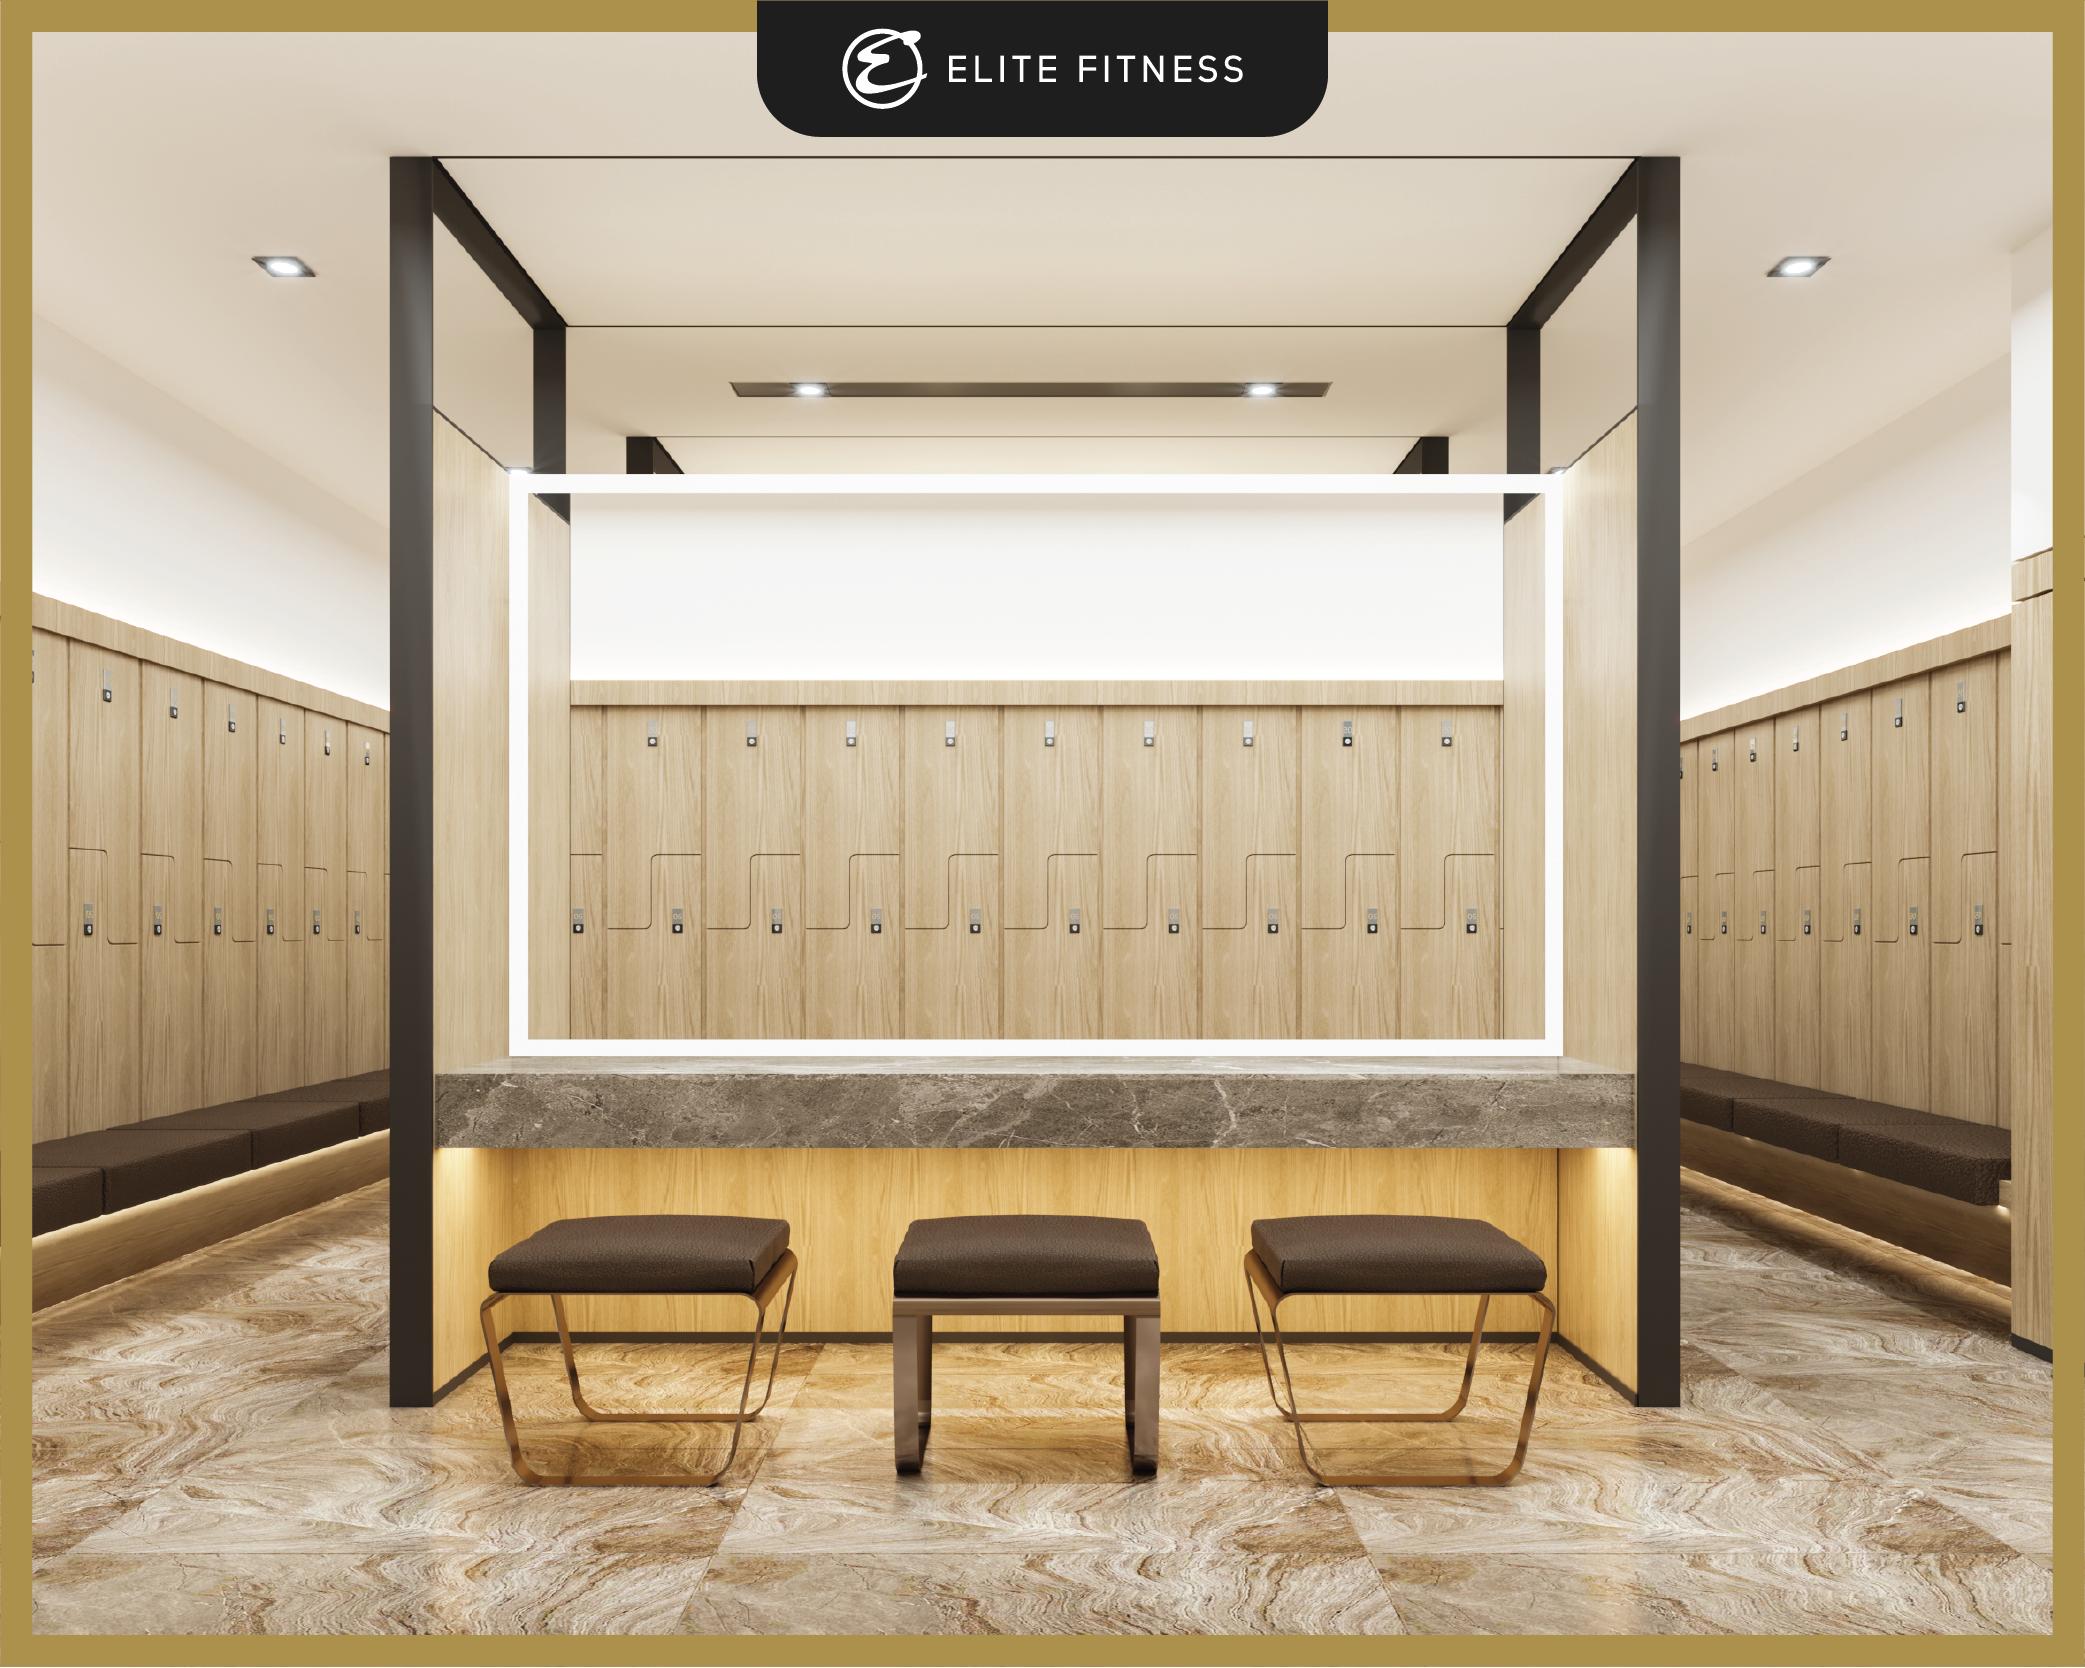 Top 5 phòng gym đang nổi tại Hà Nội, có nơi đang ưu đãi cực hời không phải ai cũng biết - Ảnh 4.